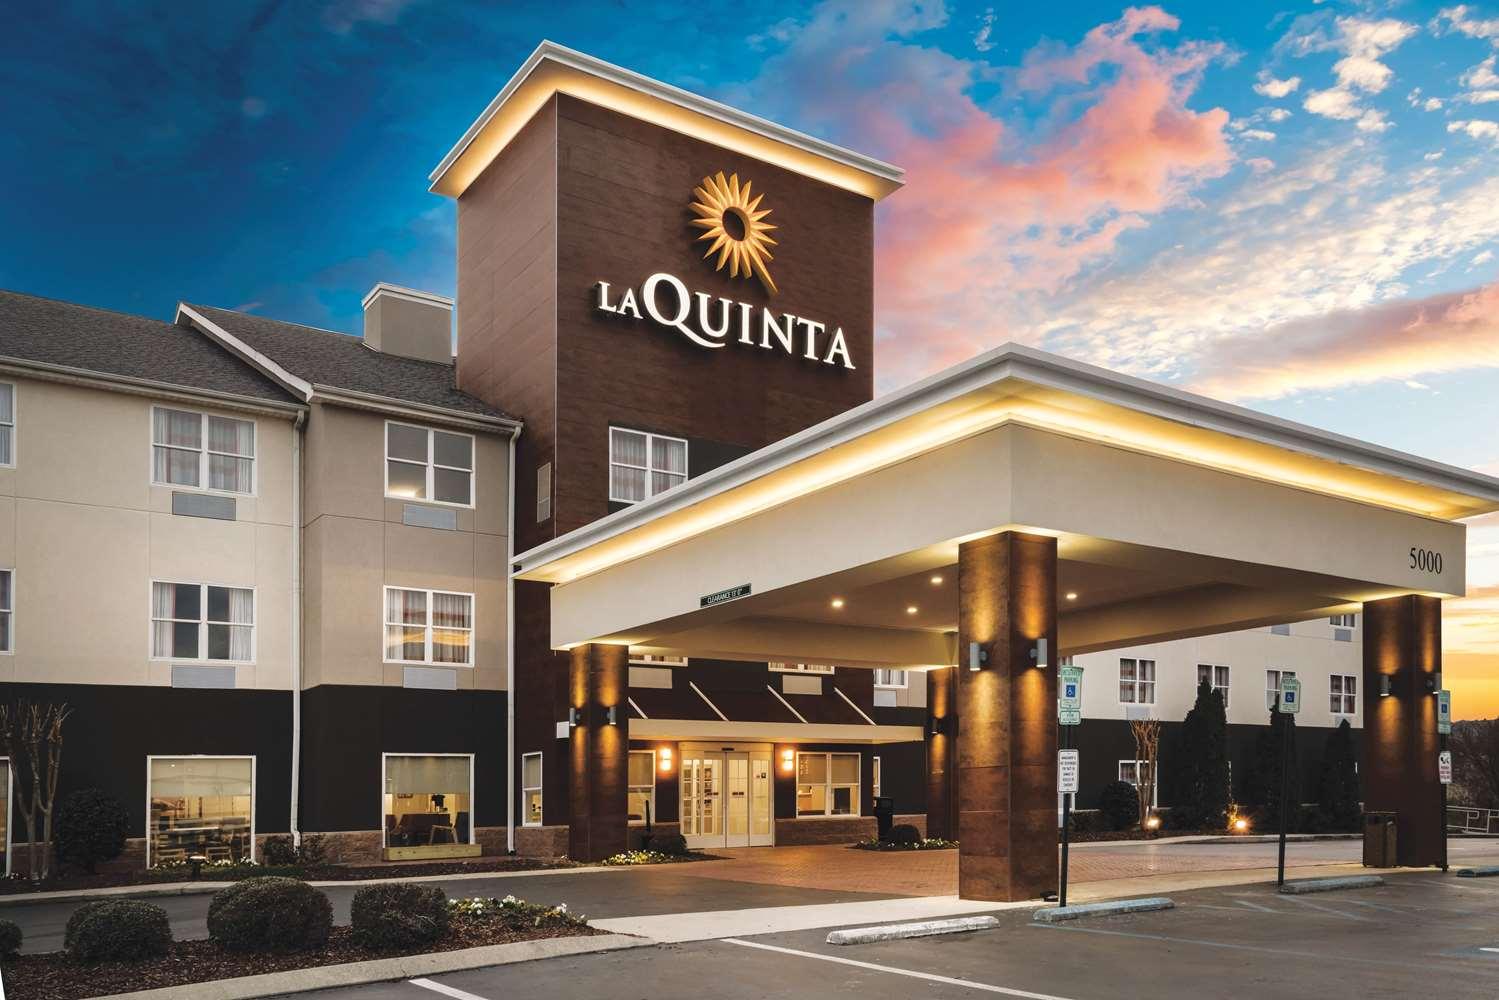 La Quinta Inn & Suites Hixson, TN - See Discounts